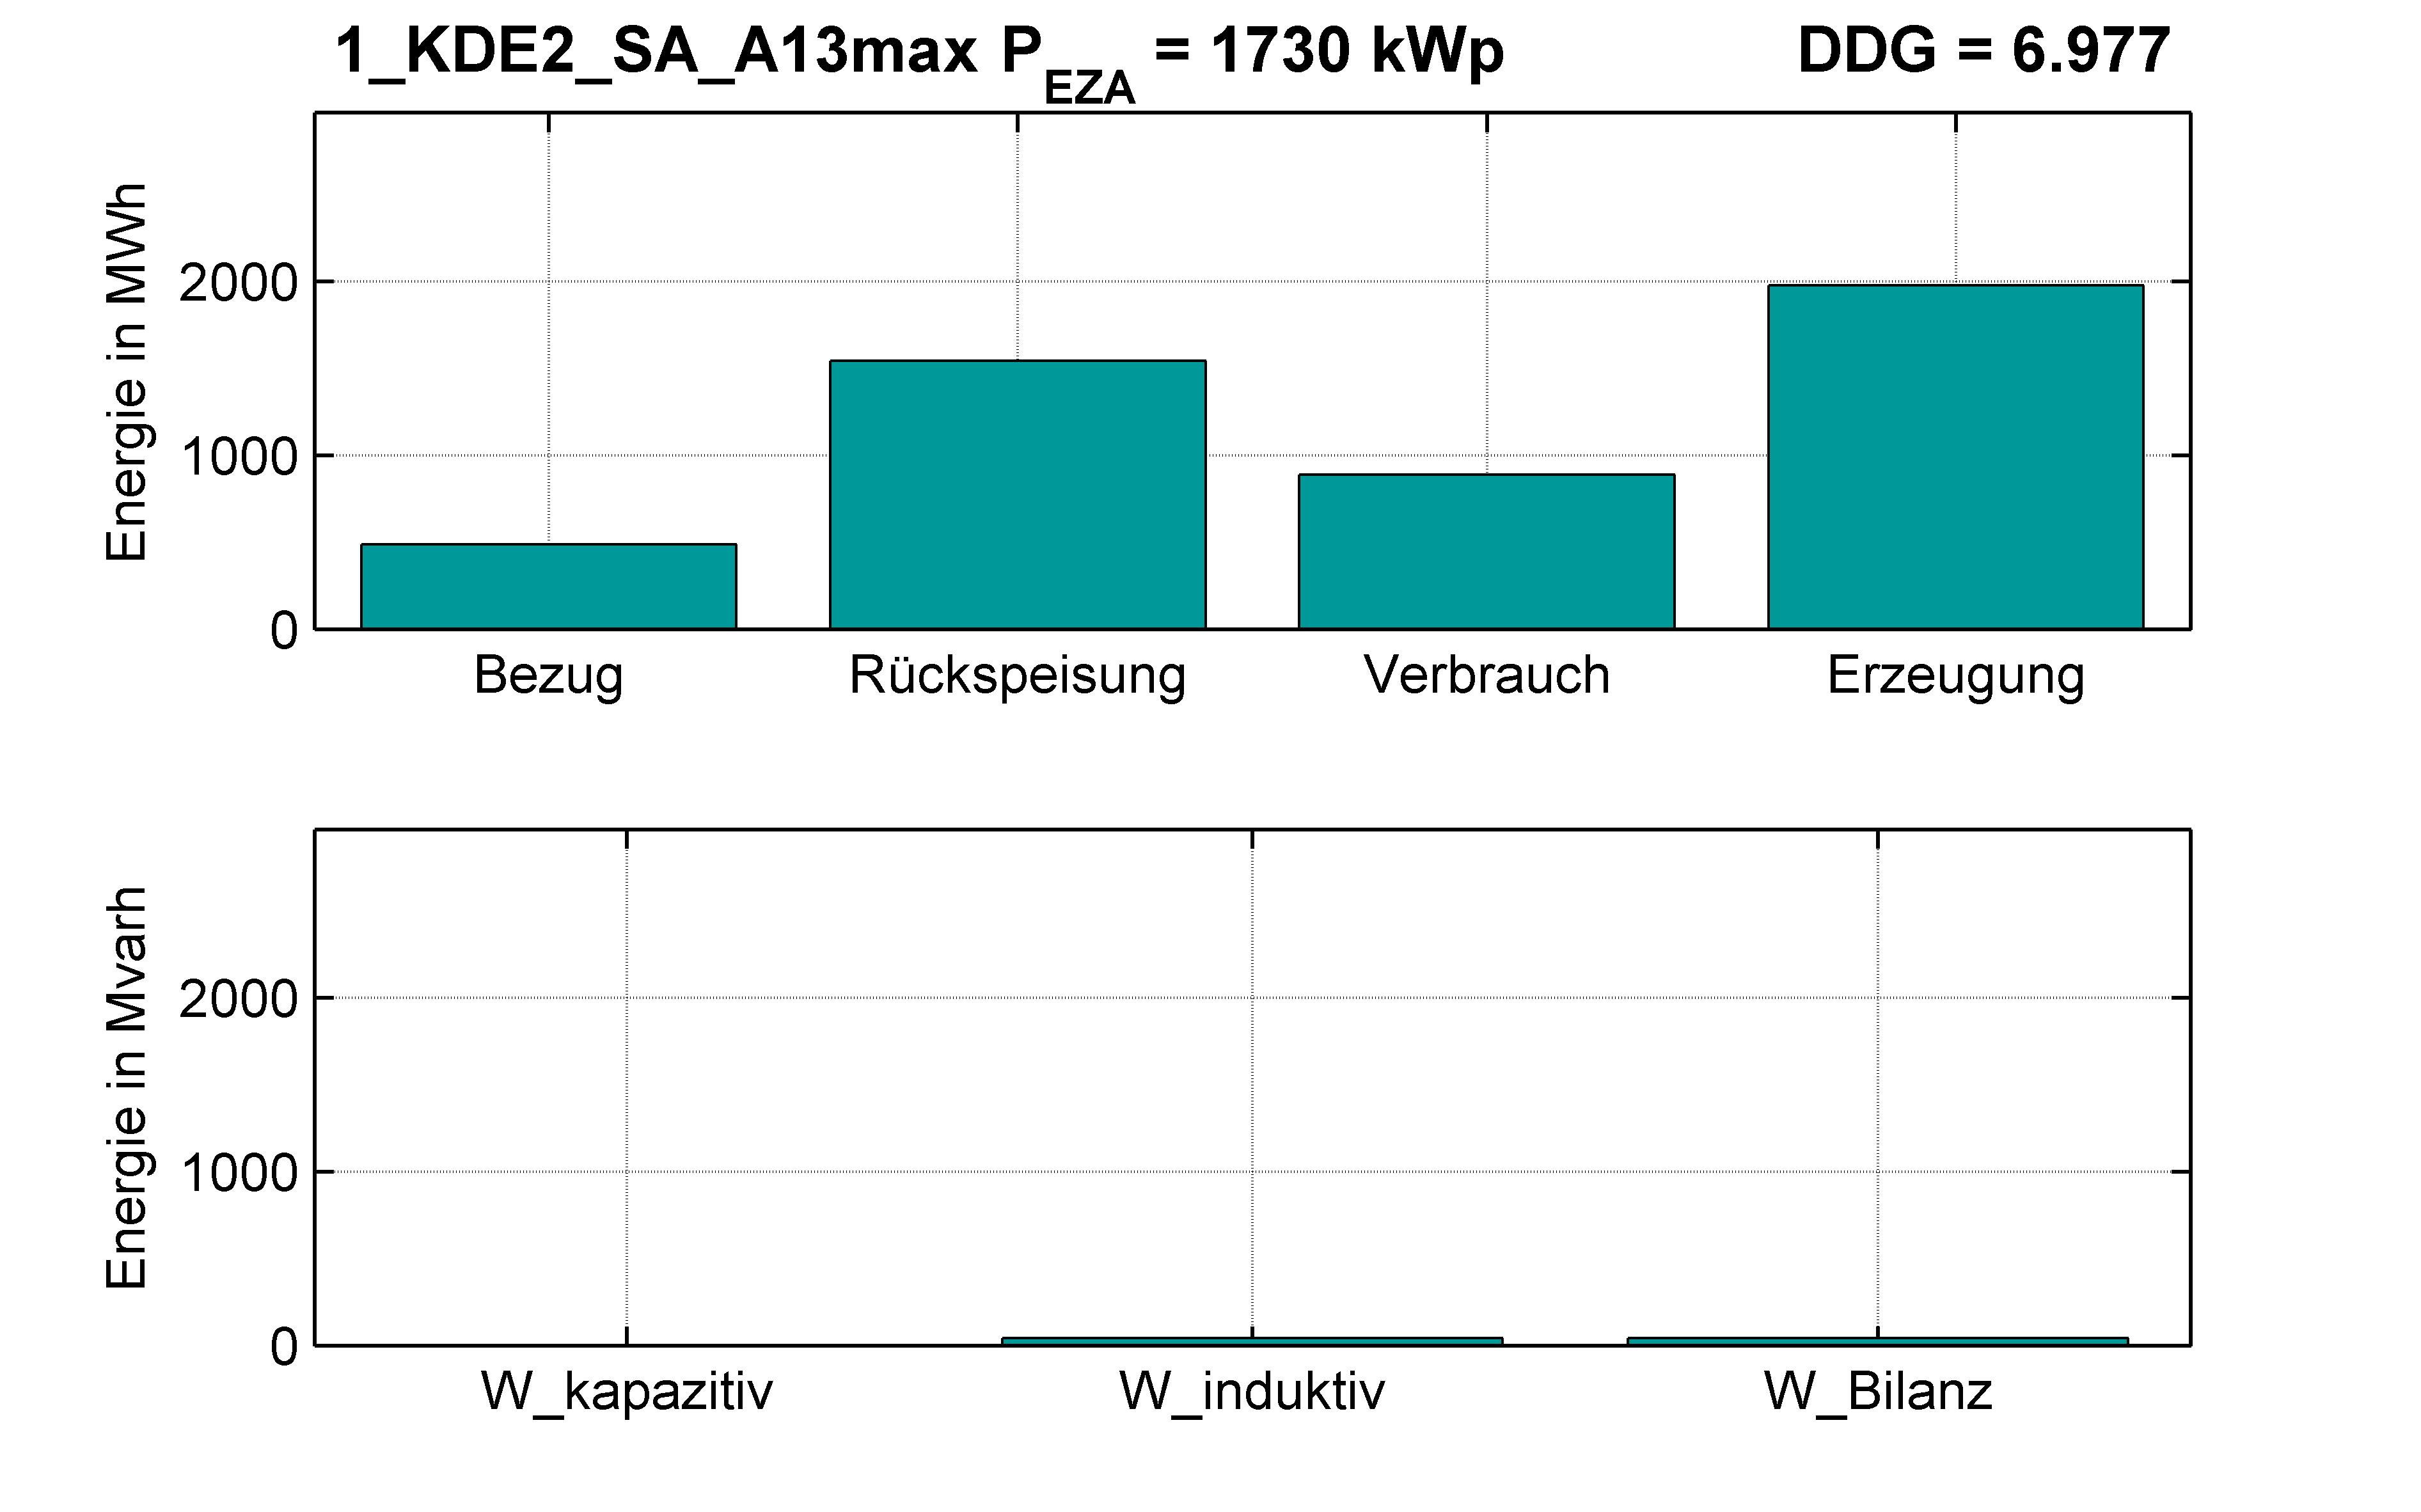 KDE2 | KABEL (SA) A13max | PQ-Bilanz